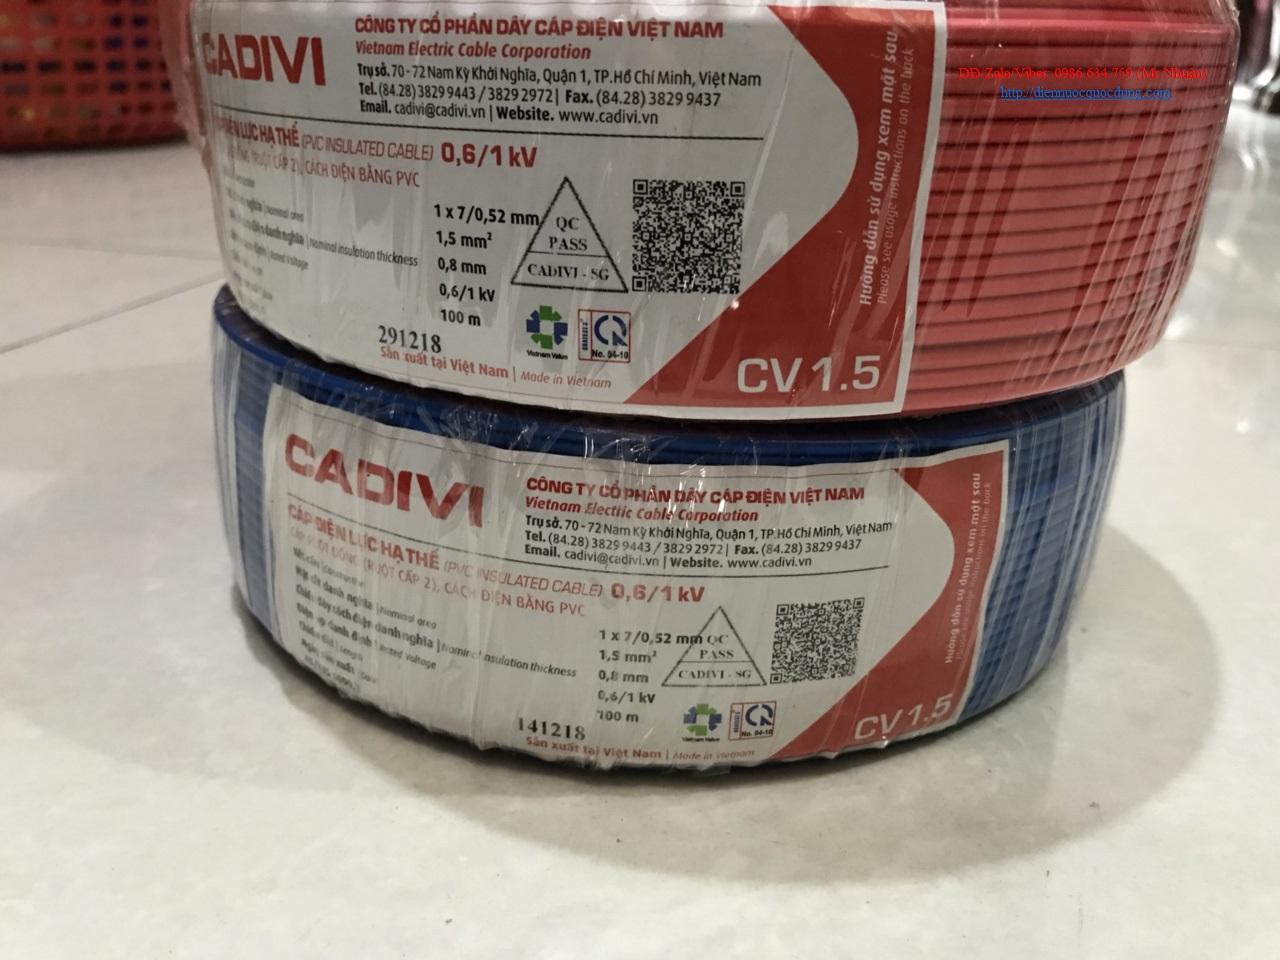 CADIVI CV1.5